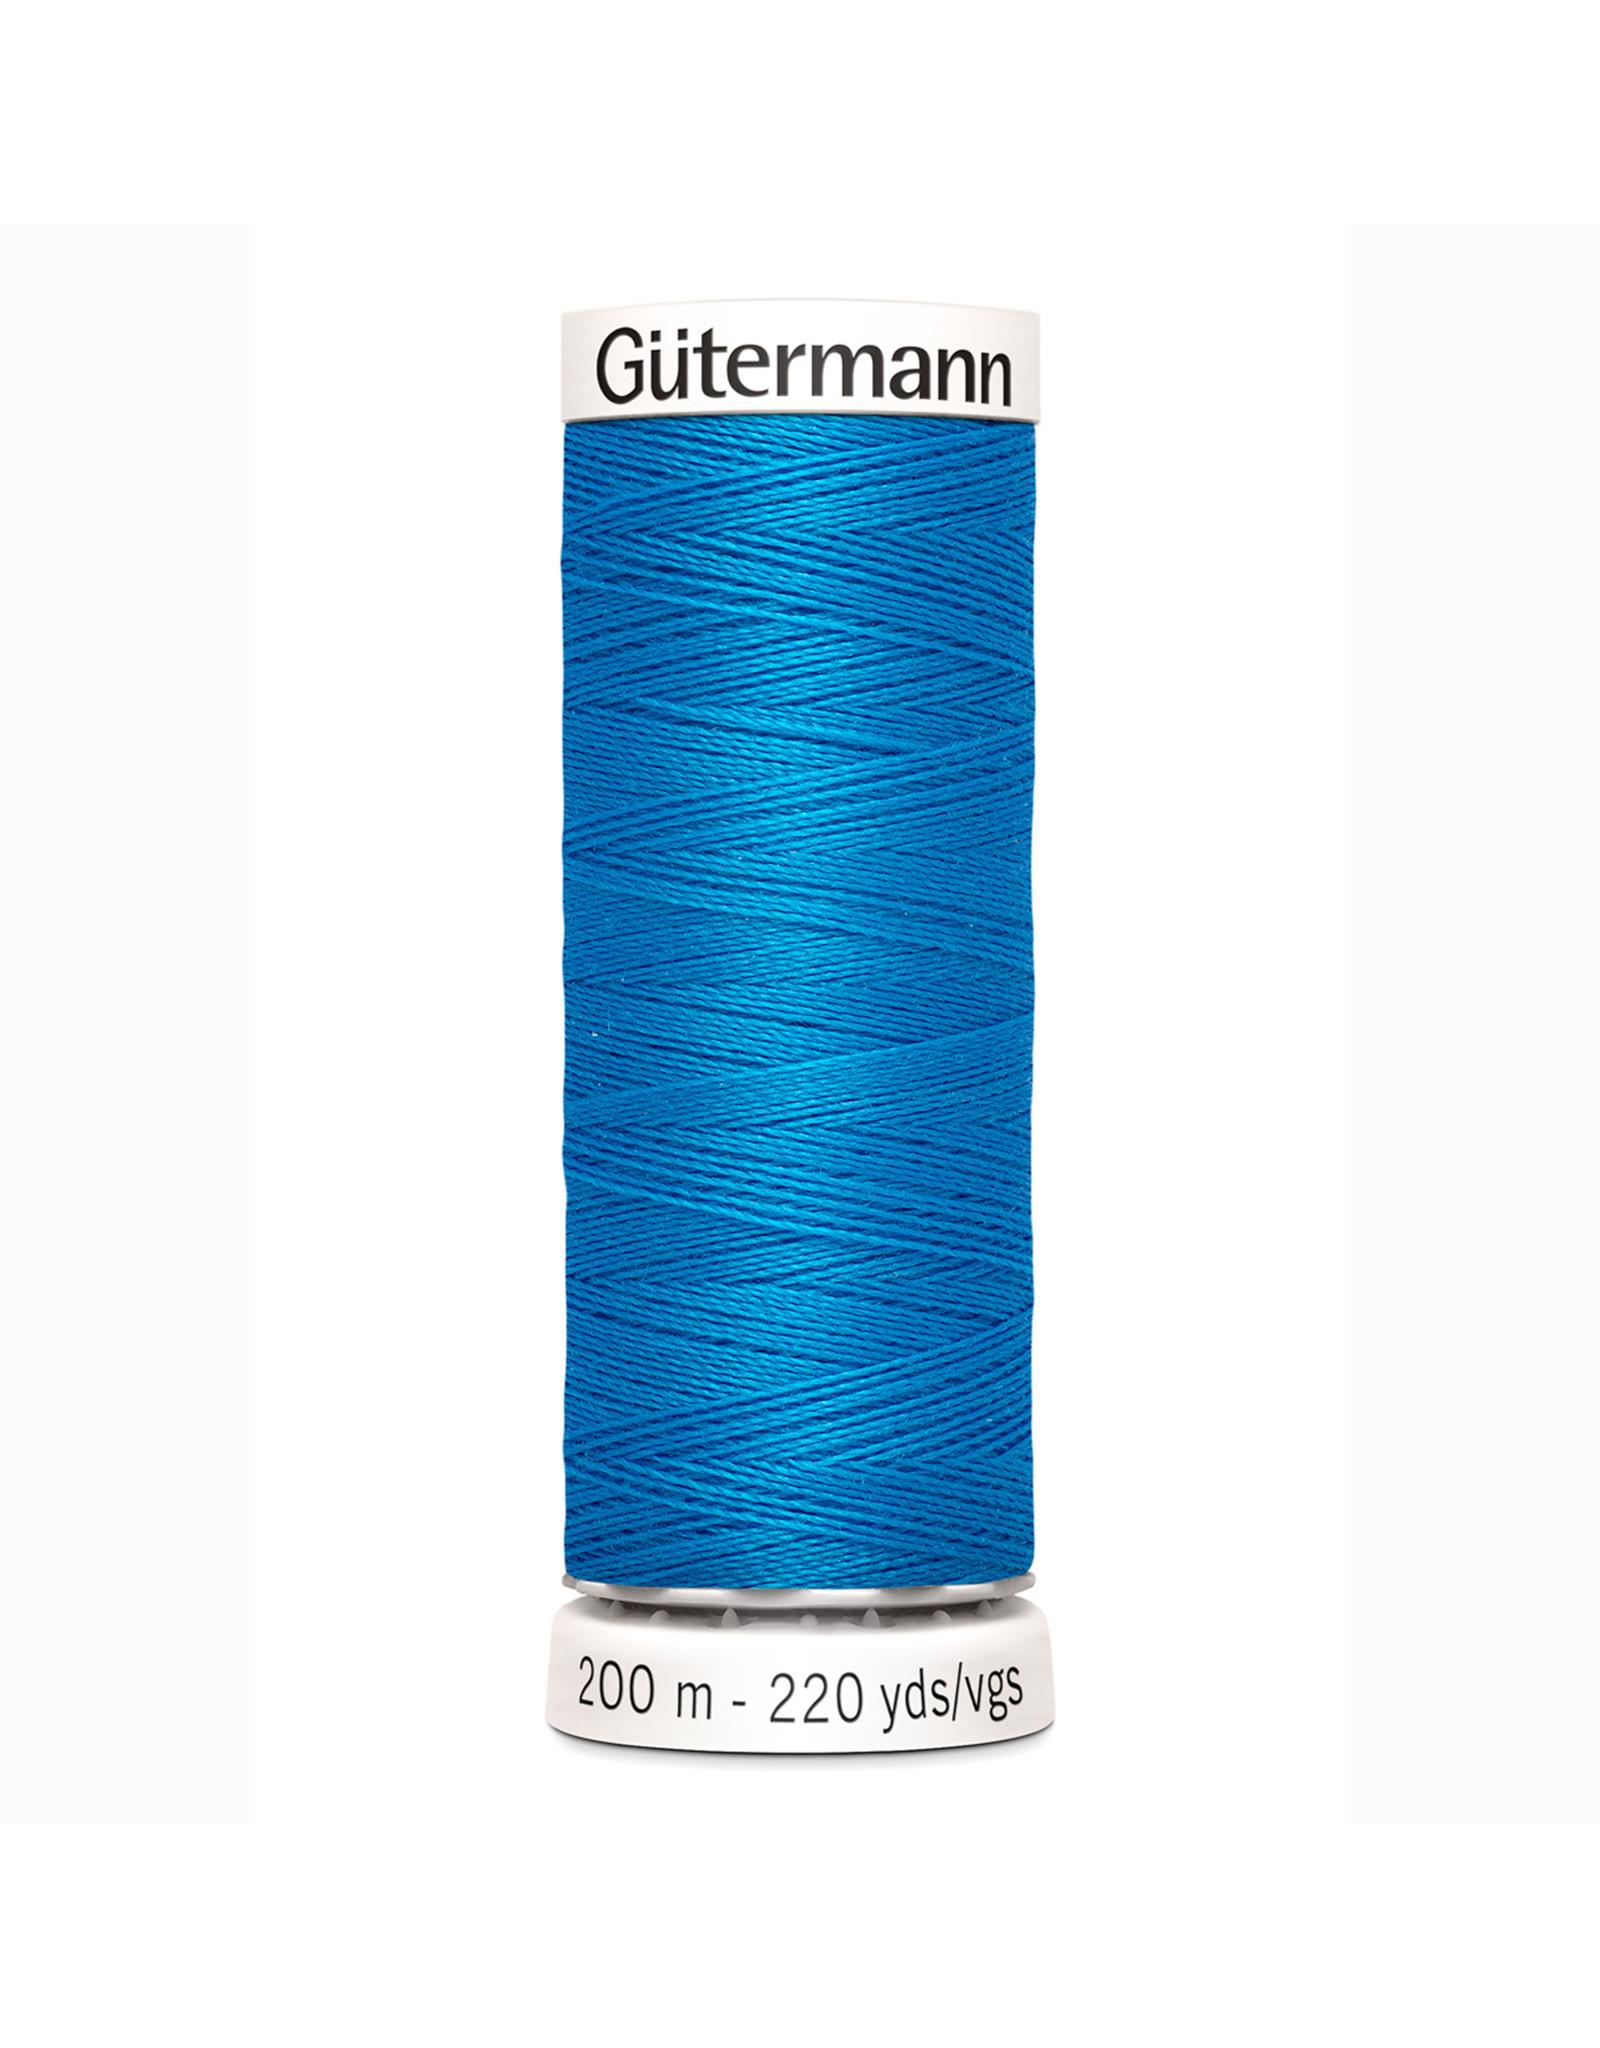 Gütermann Gütermann Nähgarn 200 m - nr 386